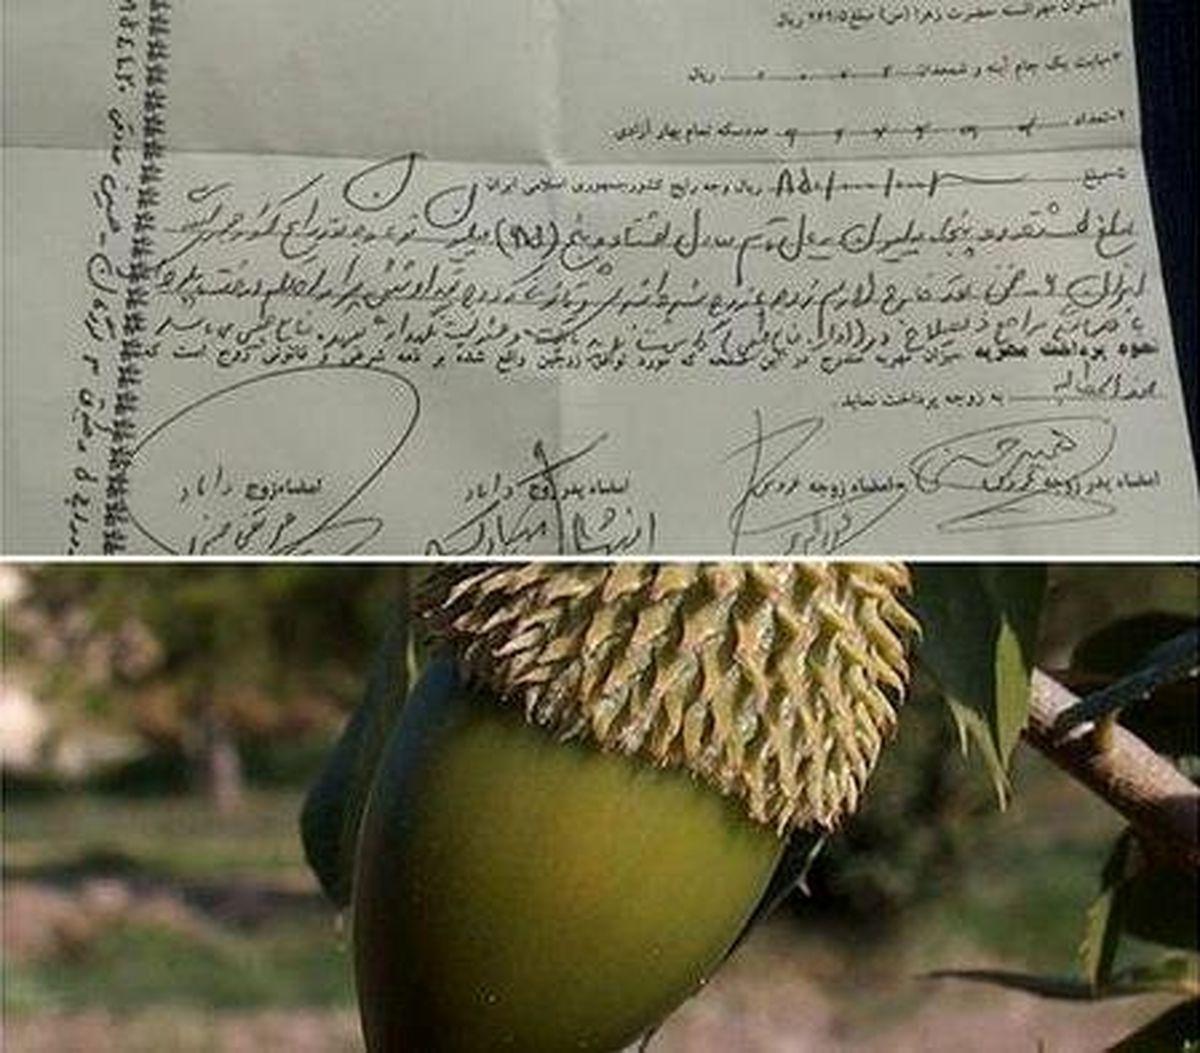 رسید مهریه عجیب یک عروس ایرانی +عکس